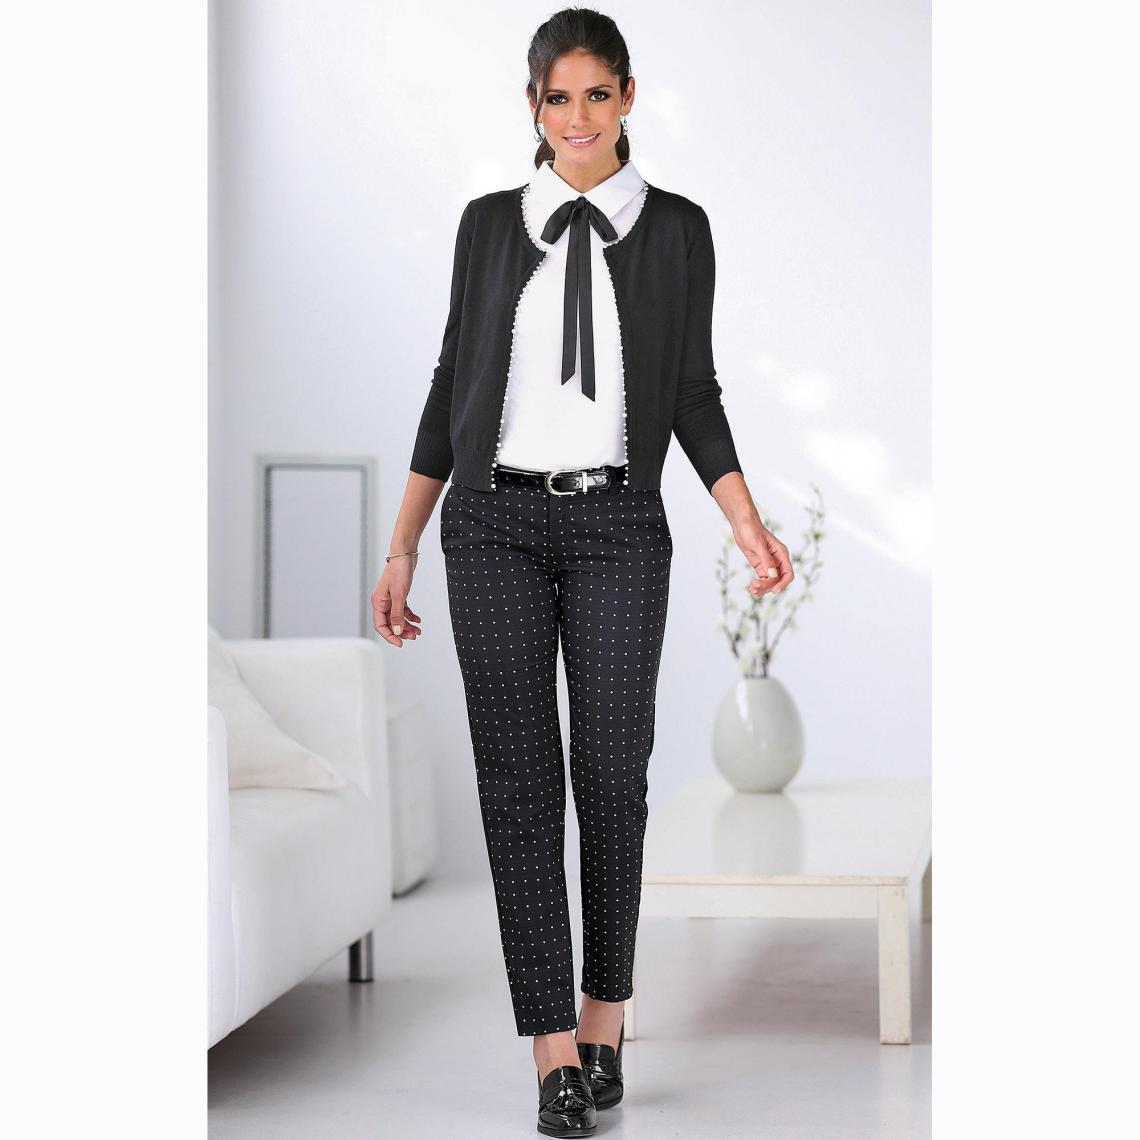 Pantalon chino imprimé pinces et poches - Autres - 3 SUISSES - Modalova